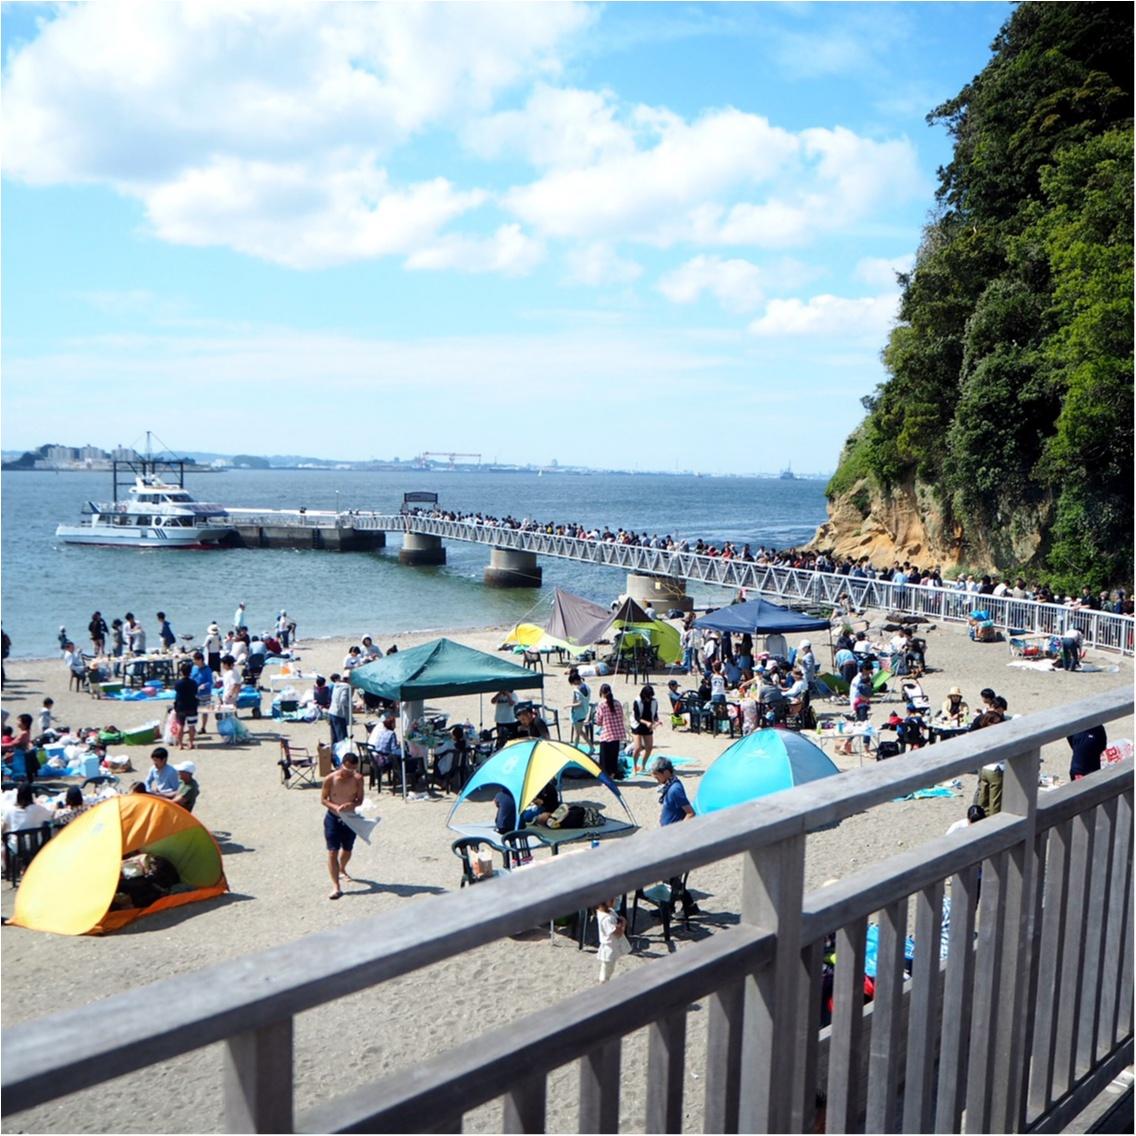 東京湾に唯一ある無人島「〇〇」に行ってきました♪_4